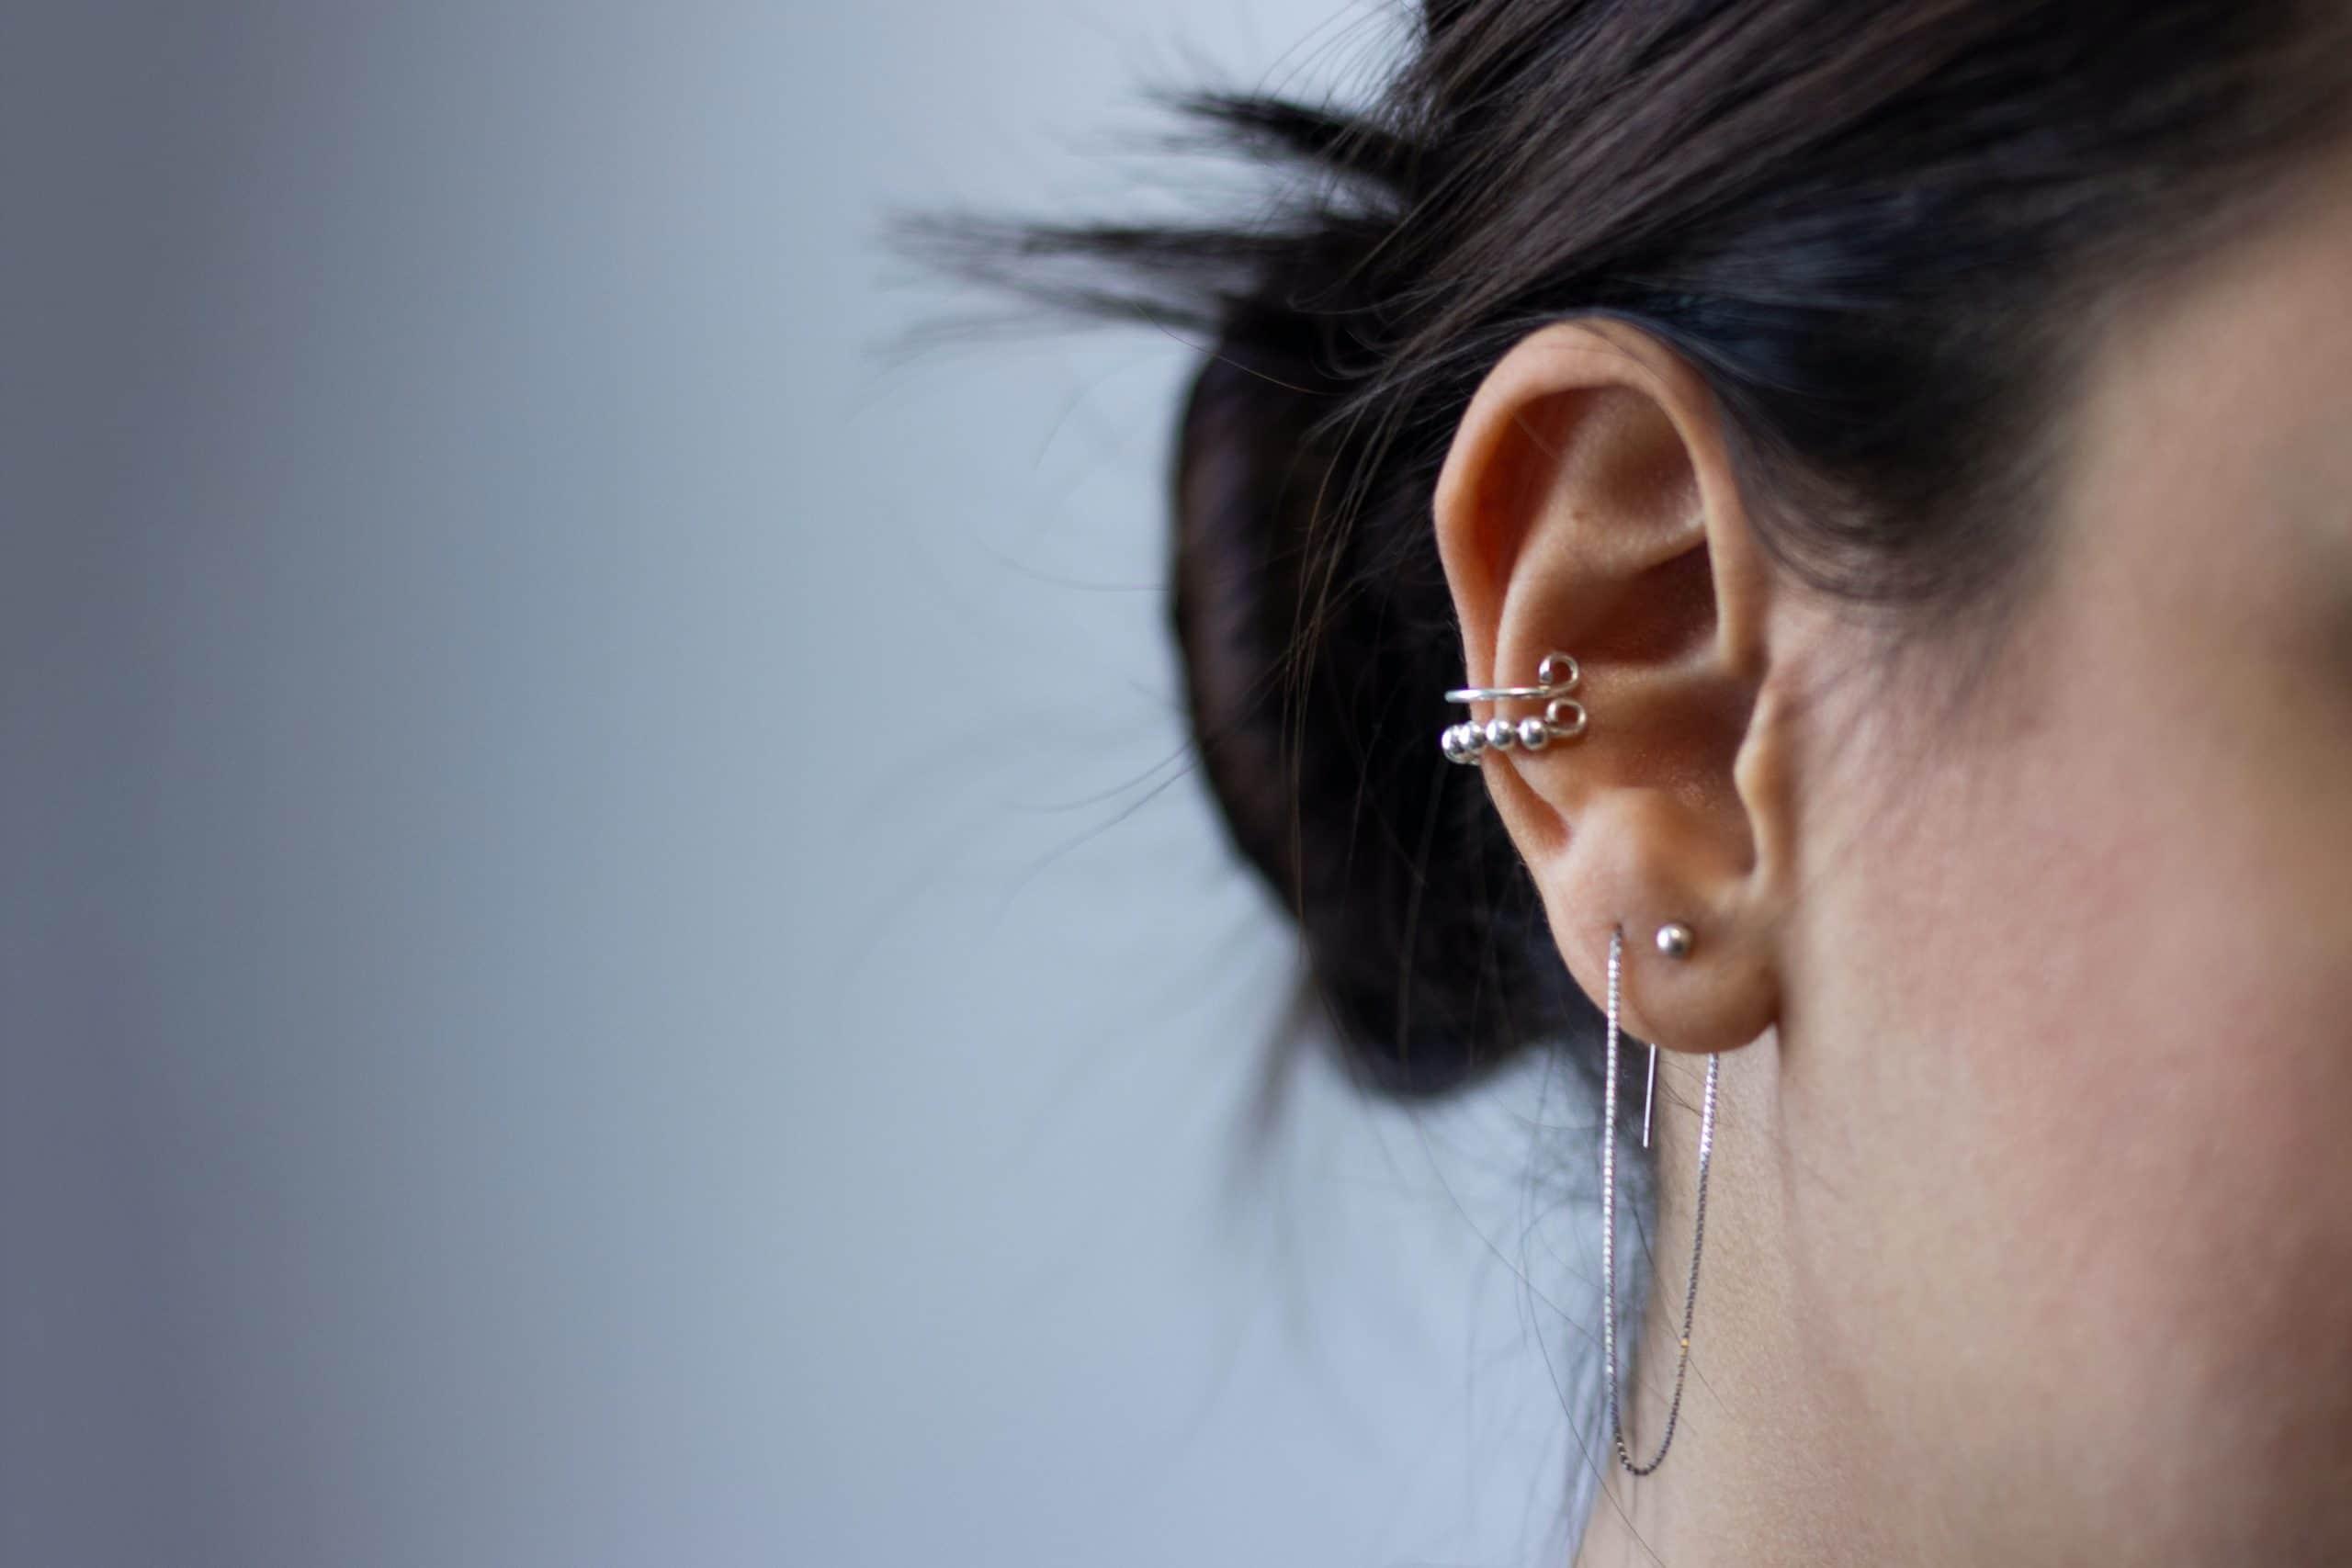 Faut-il vraiment se laver les oreilles avec un coton-tige ?